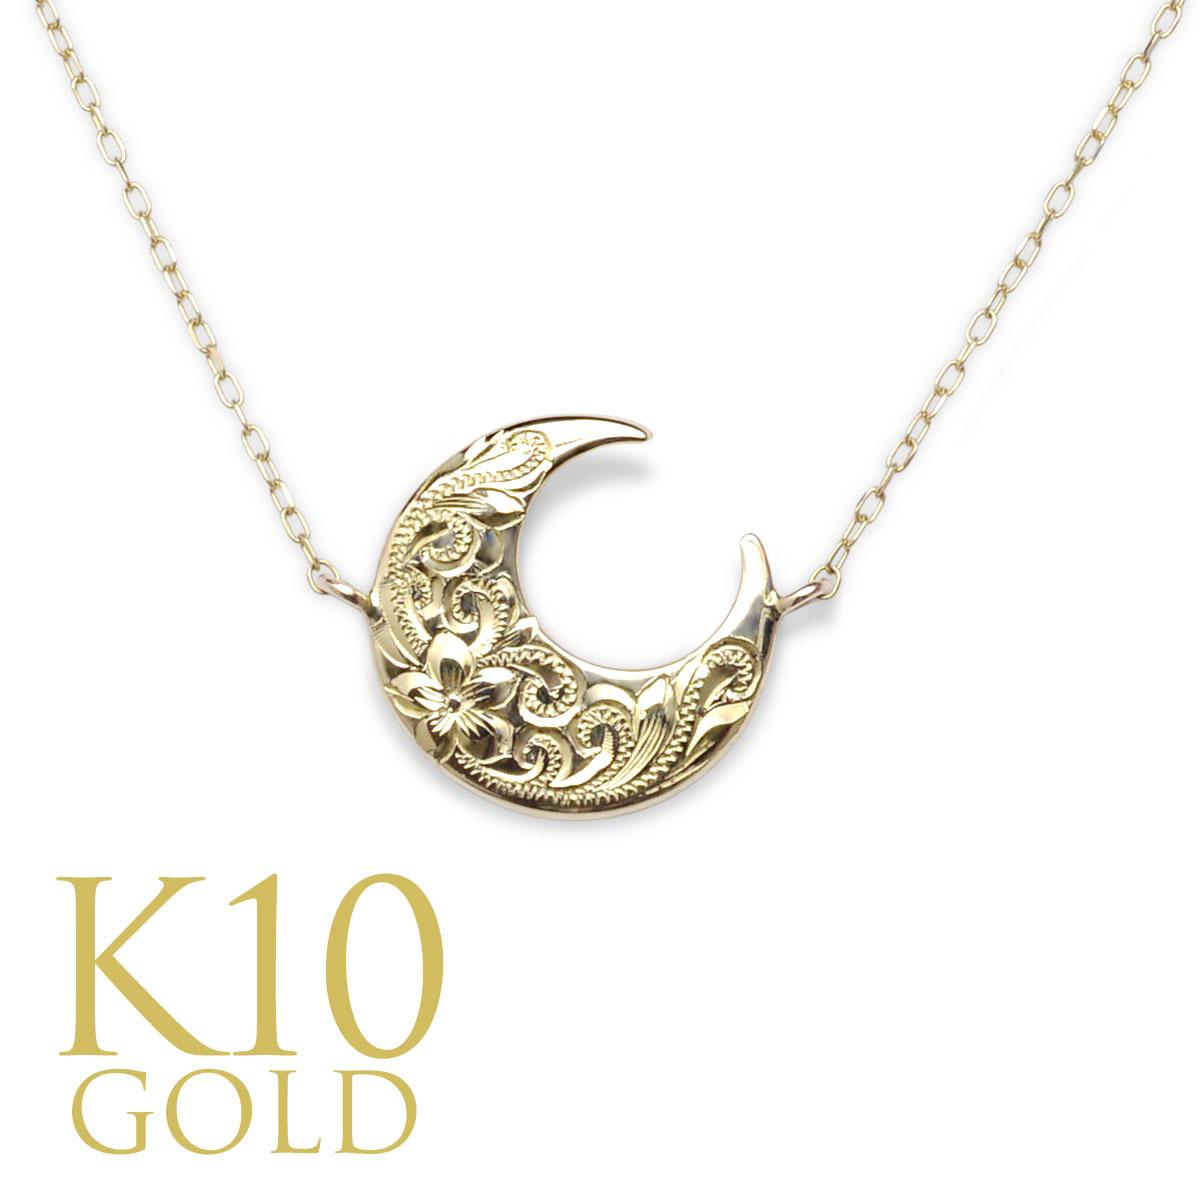 ハワイアンジュエリー K10 ゴールド ネックレス 10金 ゴールド (Weliana) K10 YG マリエムーンペンダント ネックレス /新作 wne1642